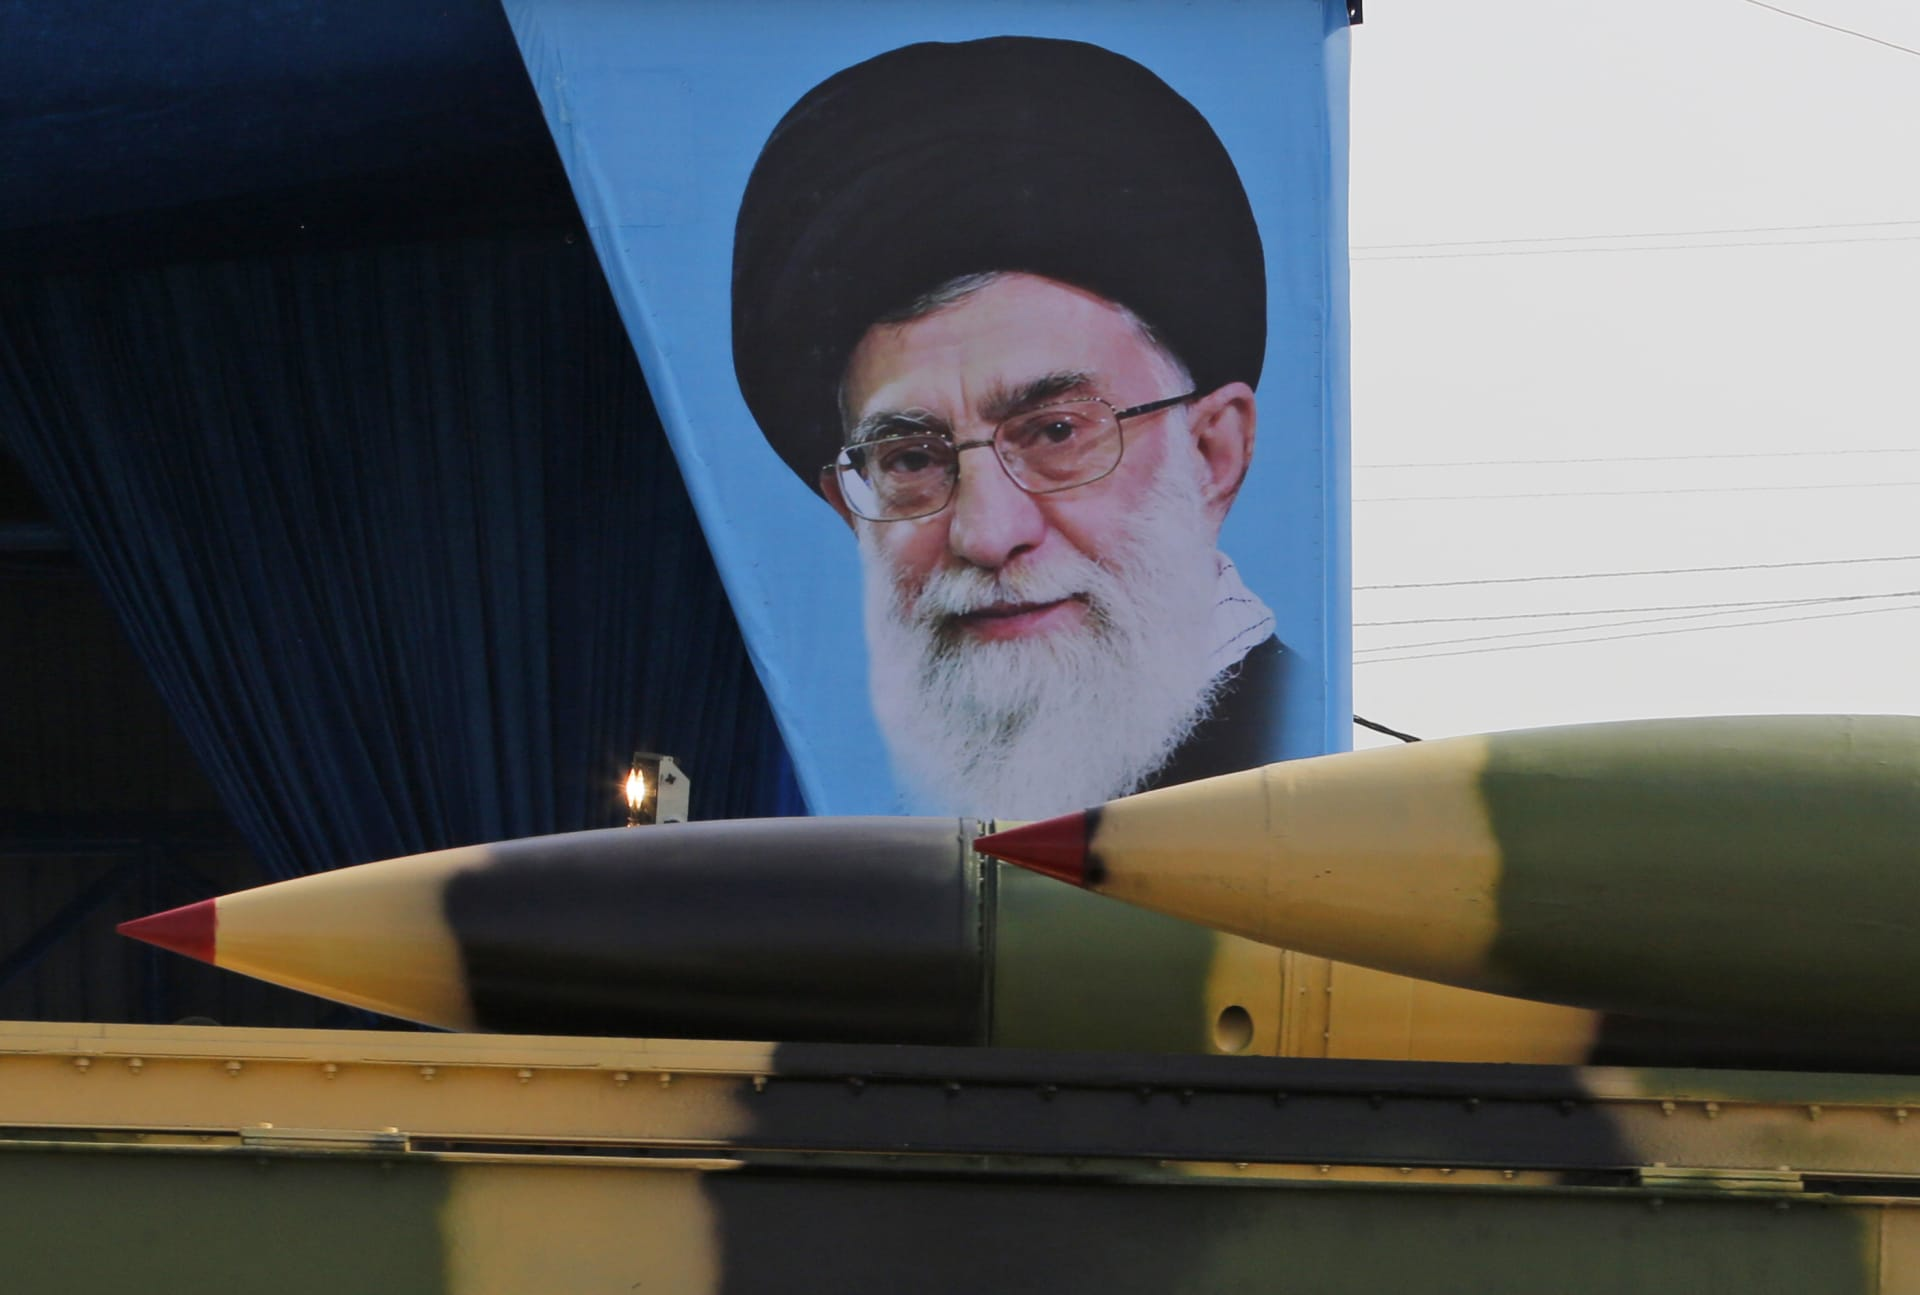 خامنئي مشيدا بالتقدم العلمي في إيران: التطور العلمي مهم لتقدم الأمة الإسلامية